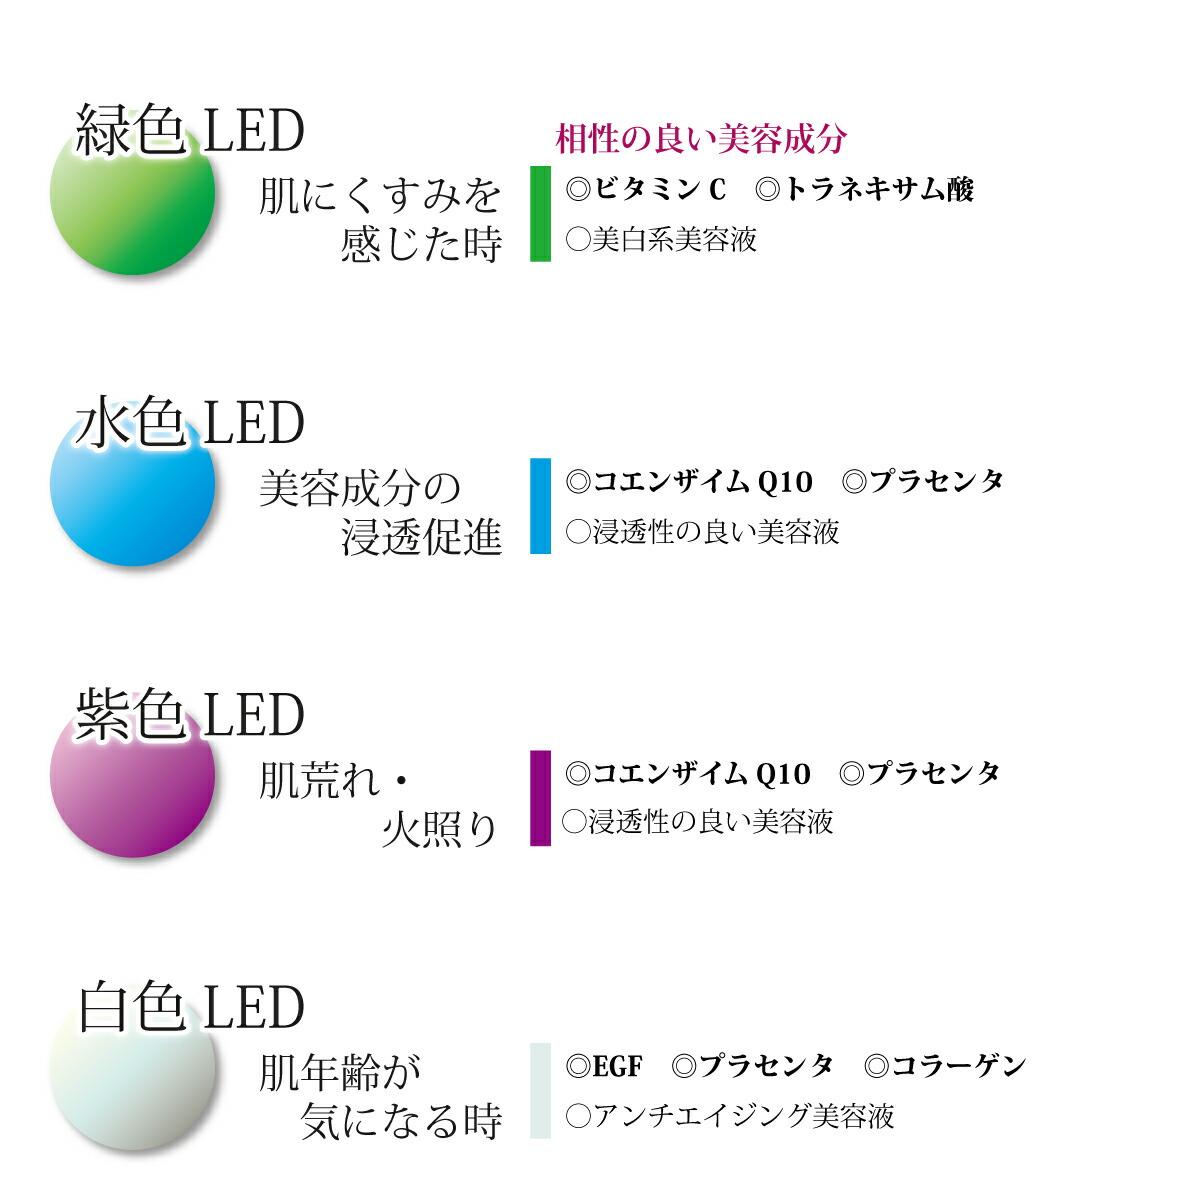 コラーゲンマシンマスク商品画像4